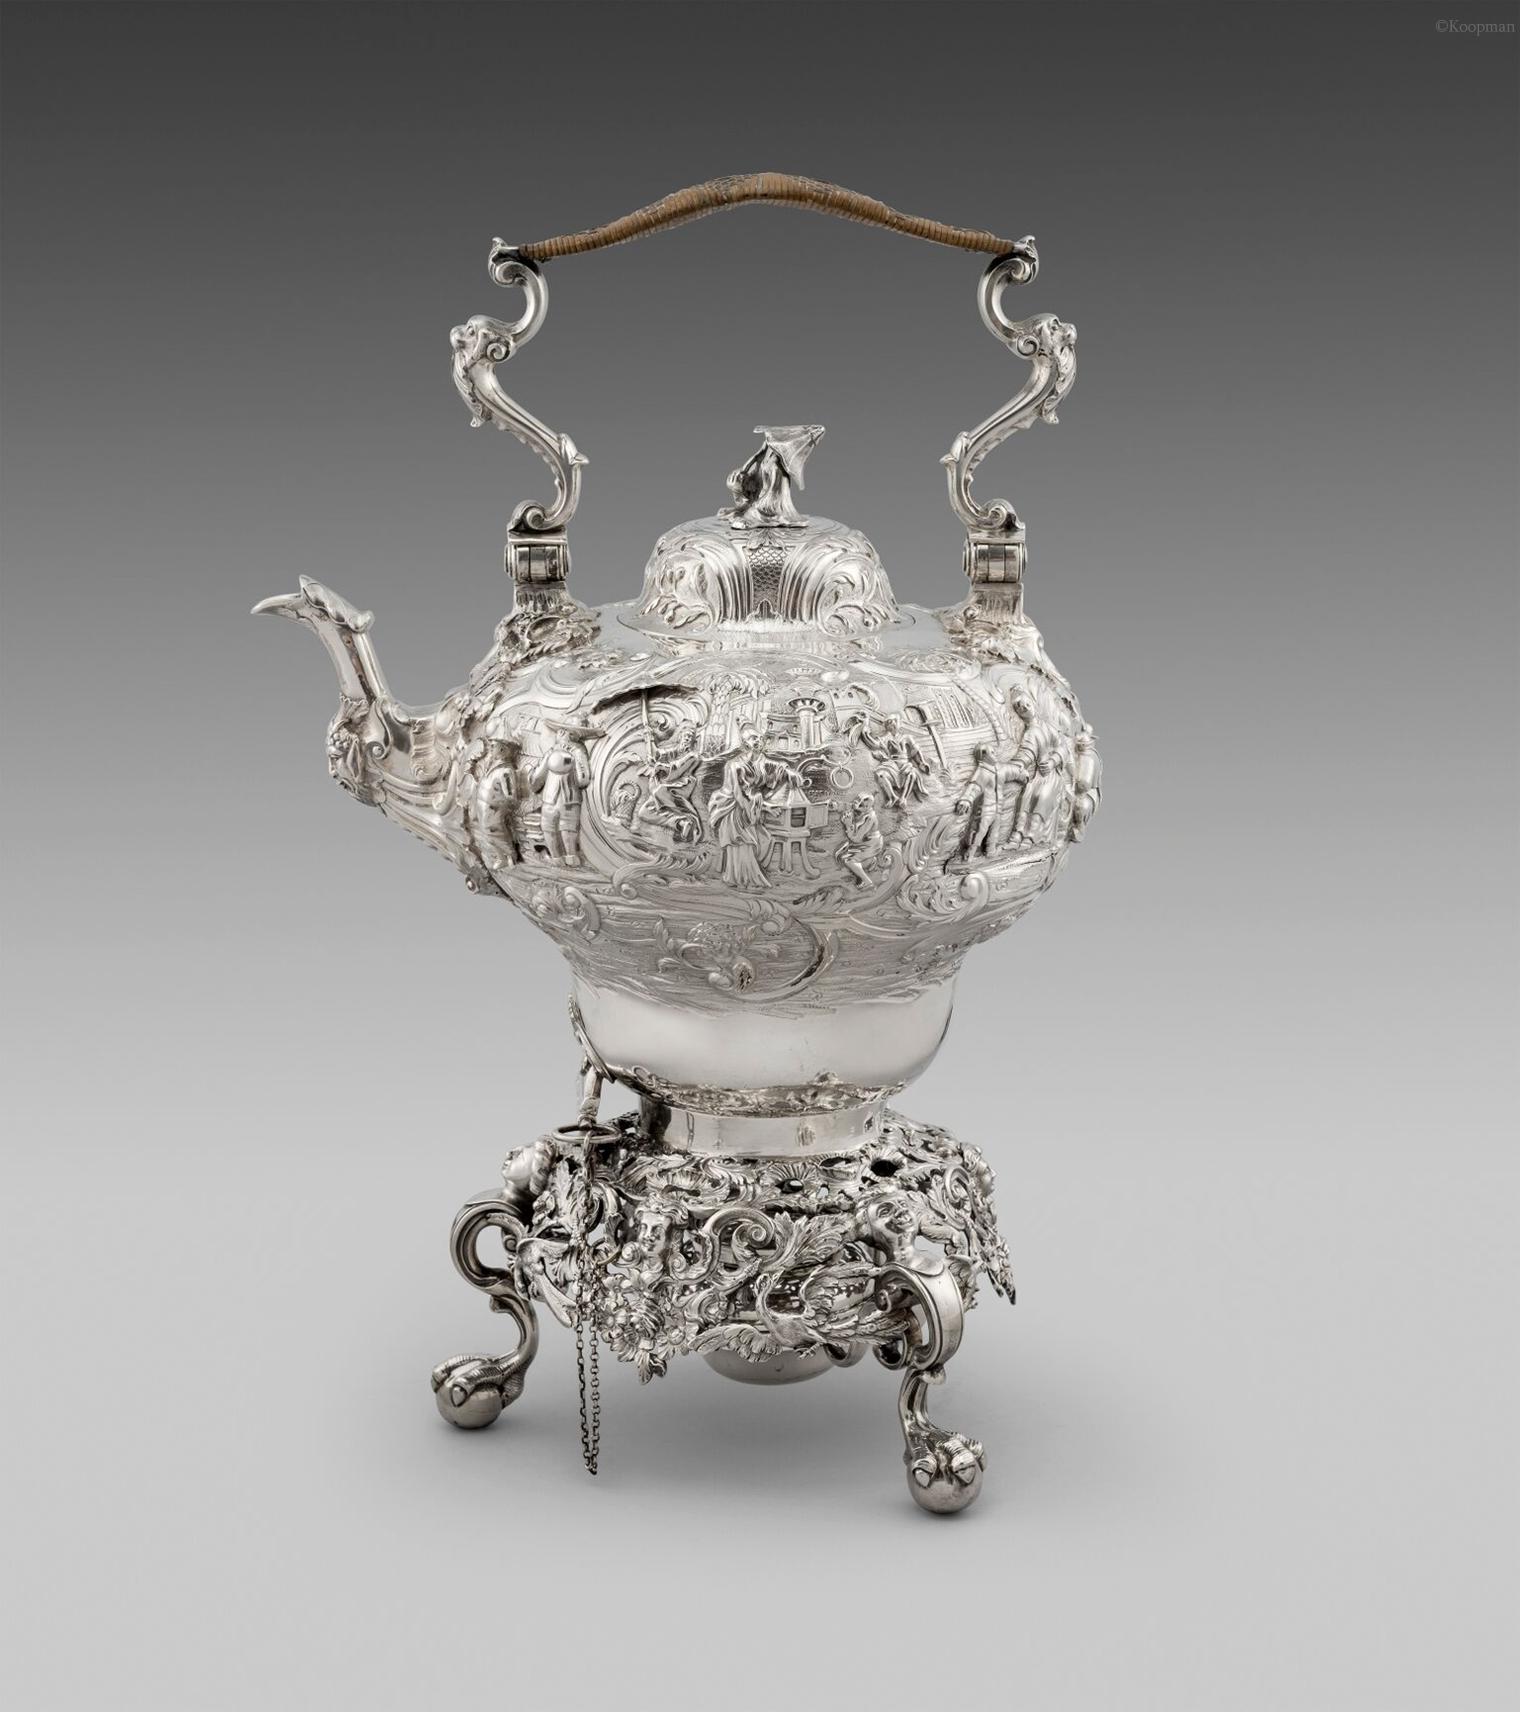 A Victorian Chinoiserie Tea Kettle